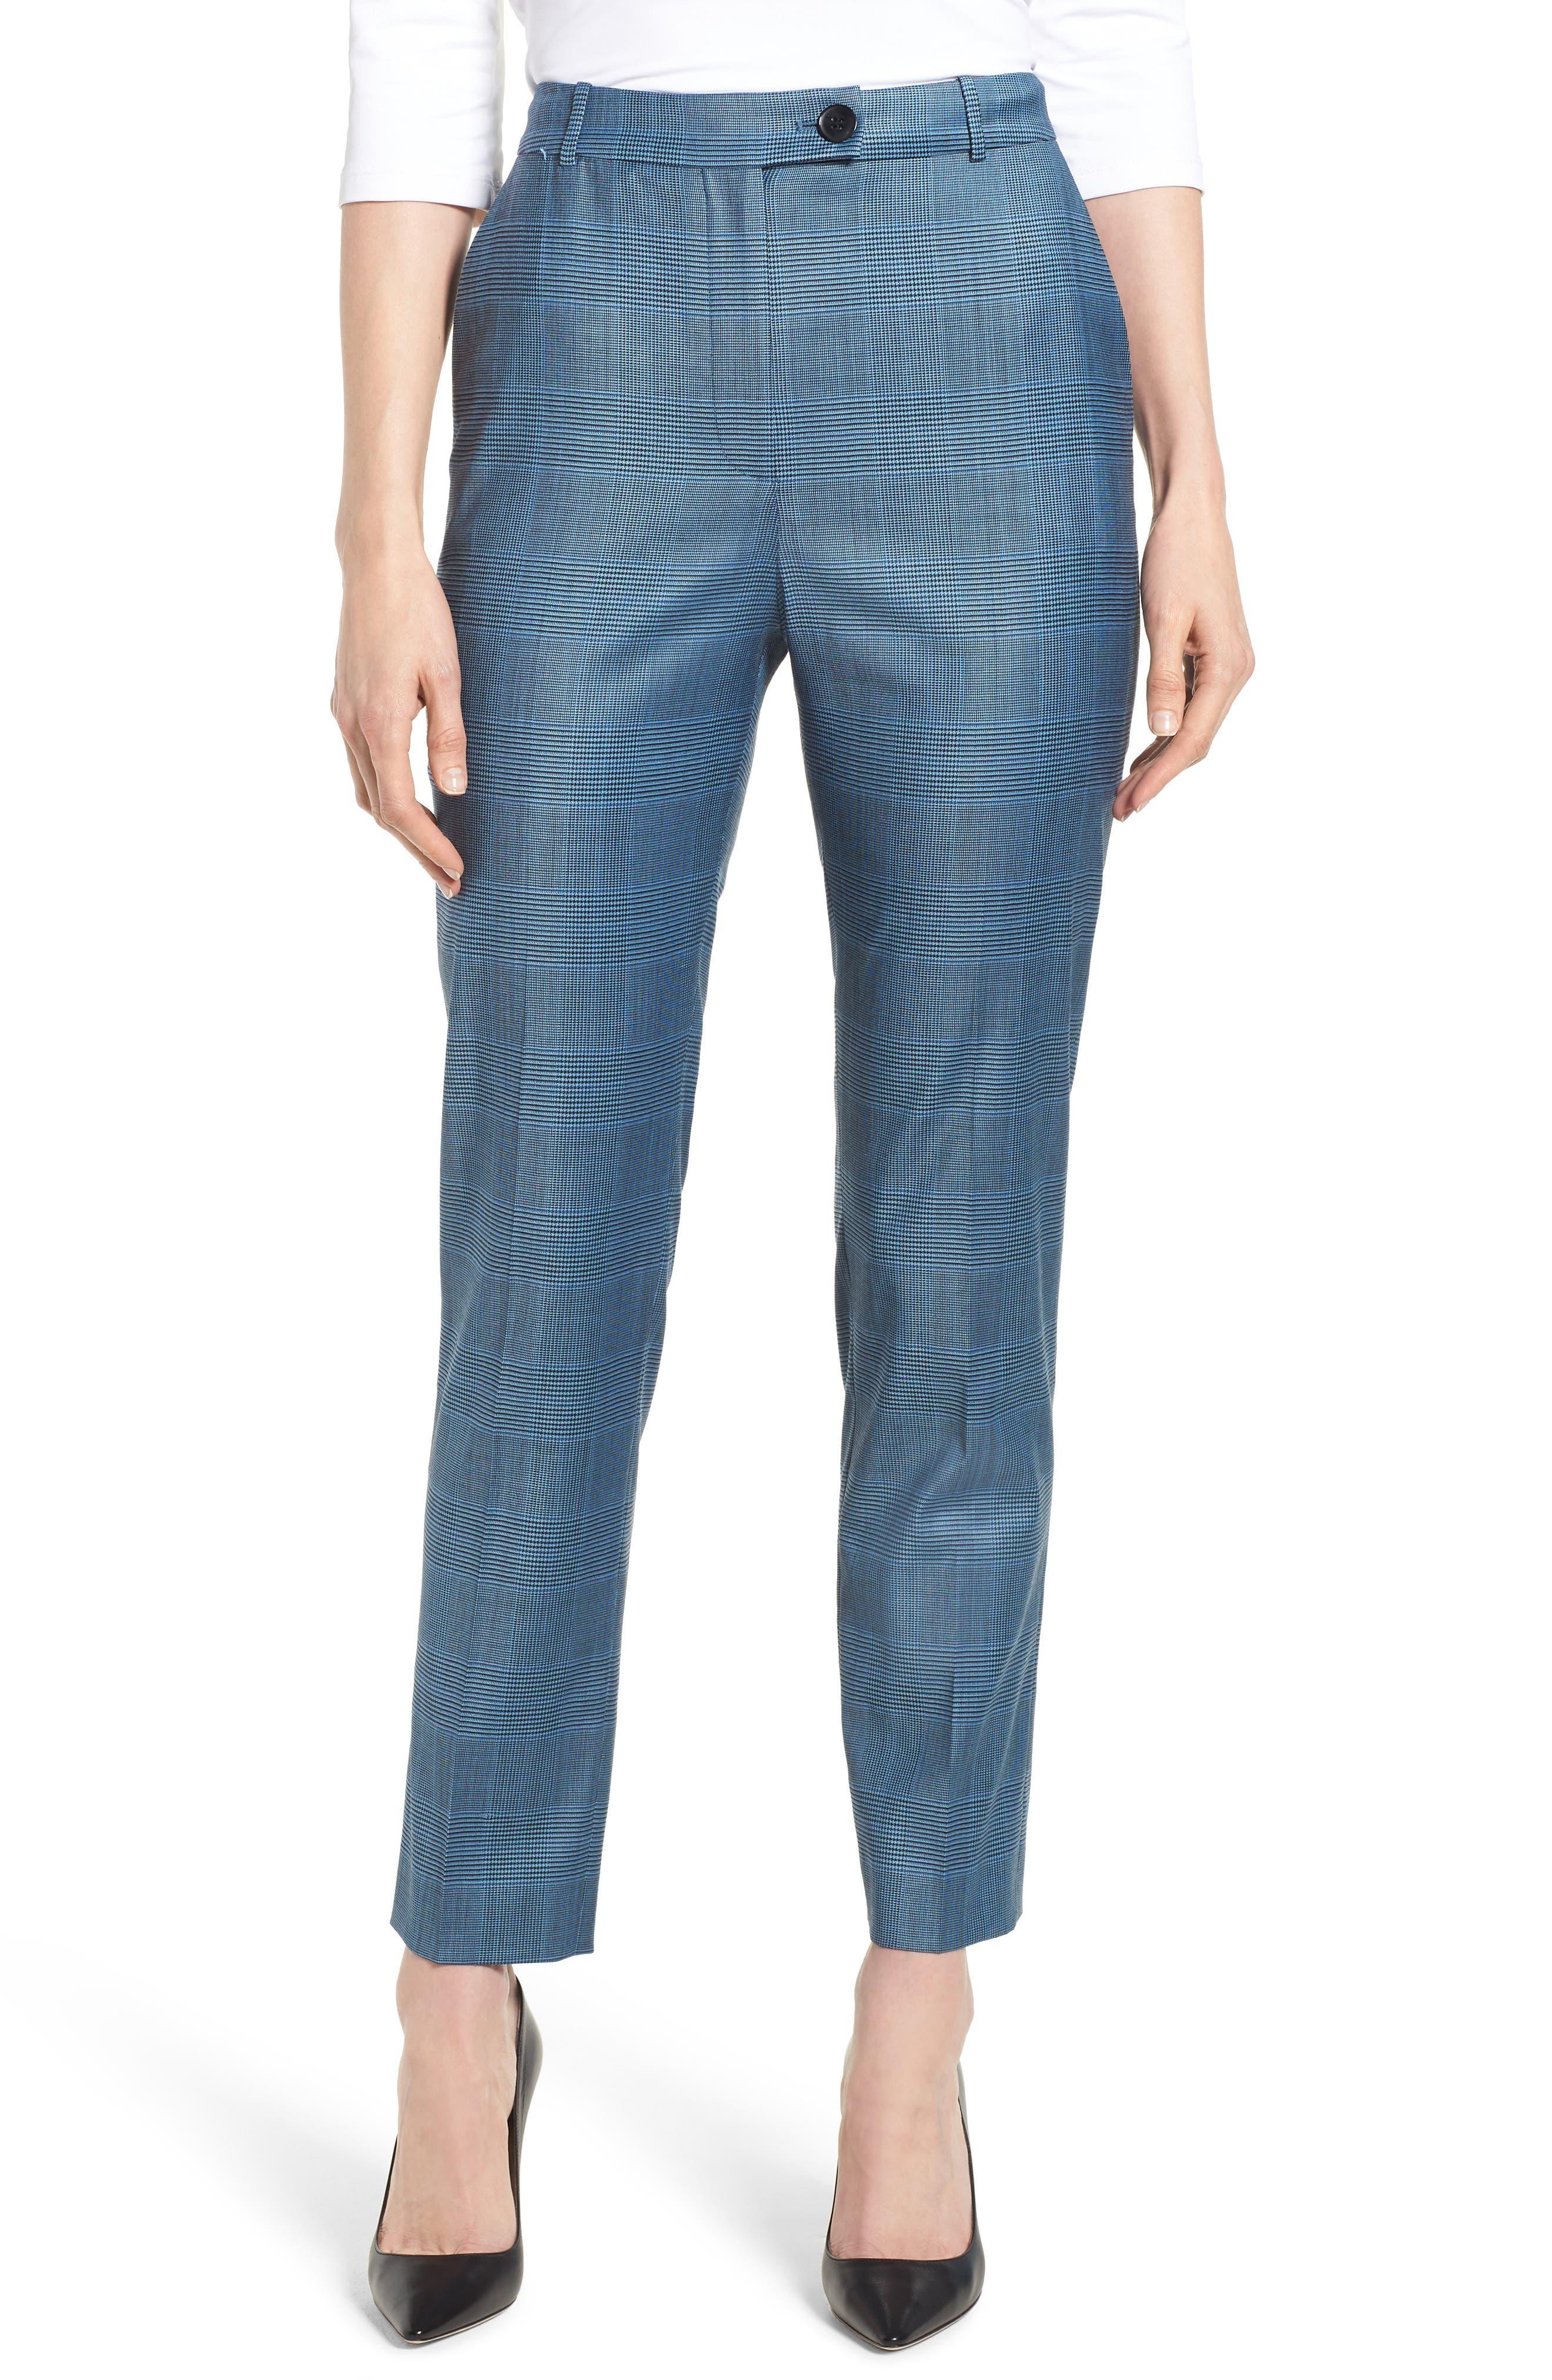 Tofilia Glencheck Slim Fit Trousers,                         Main,                         color, Sailor Blue Fantasy